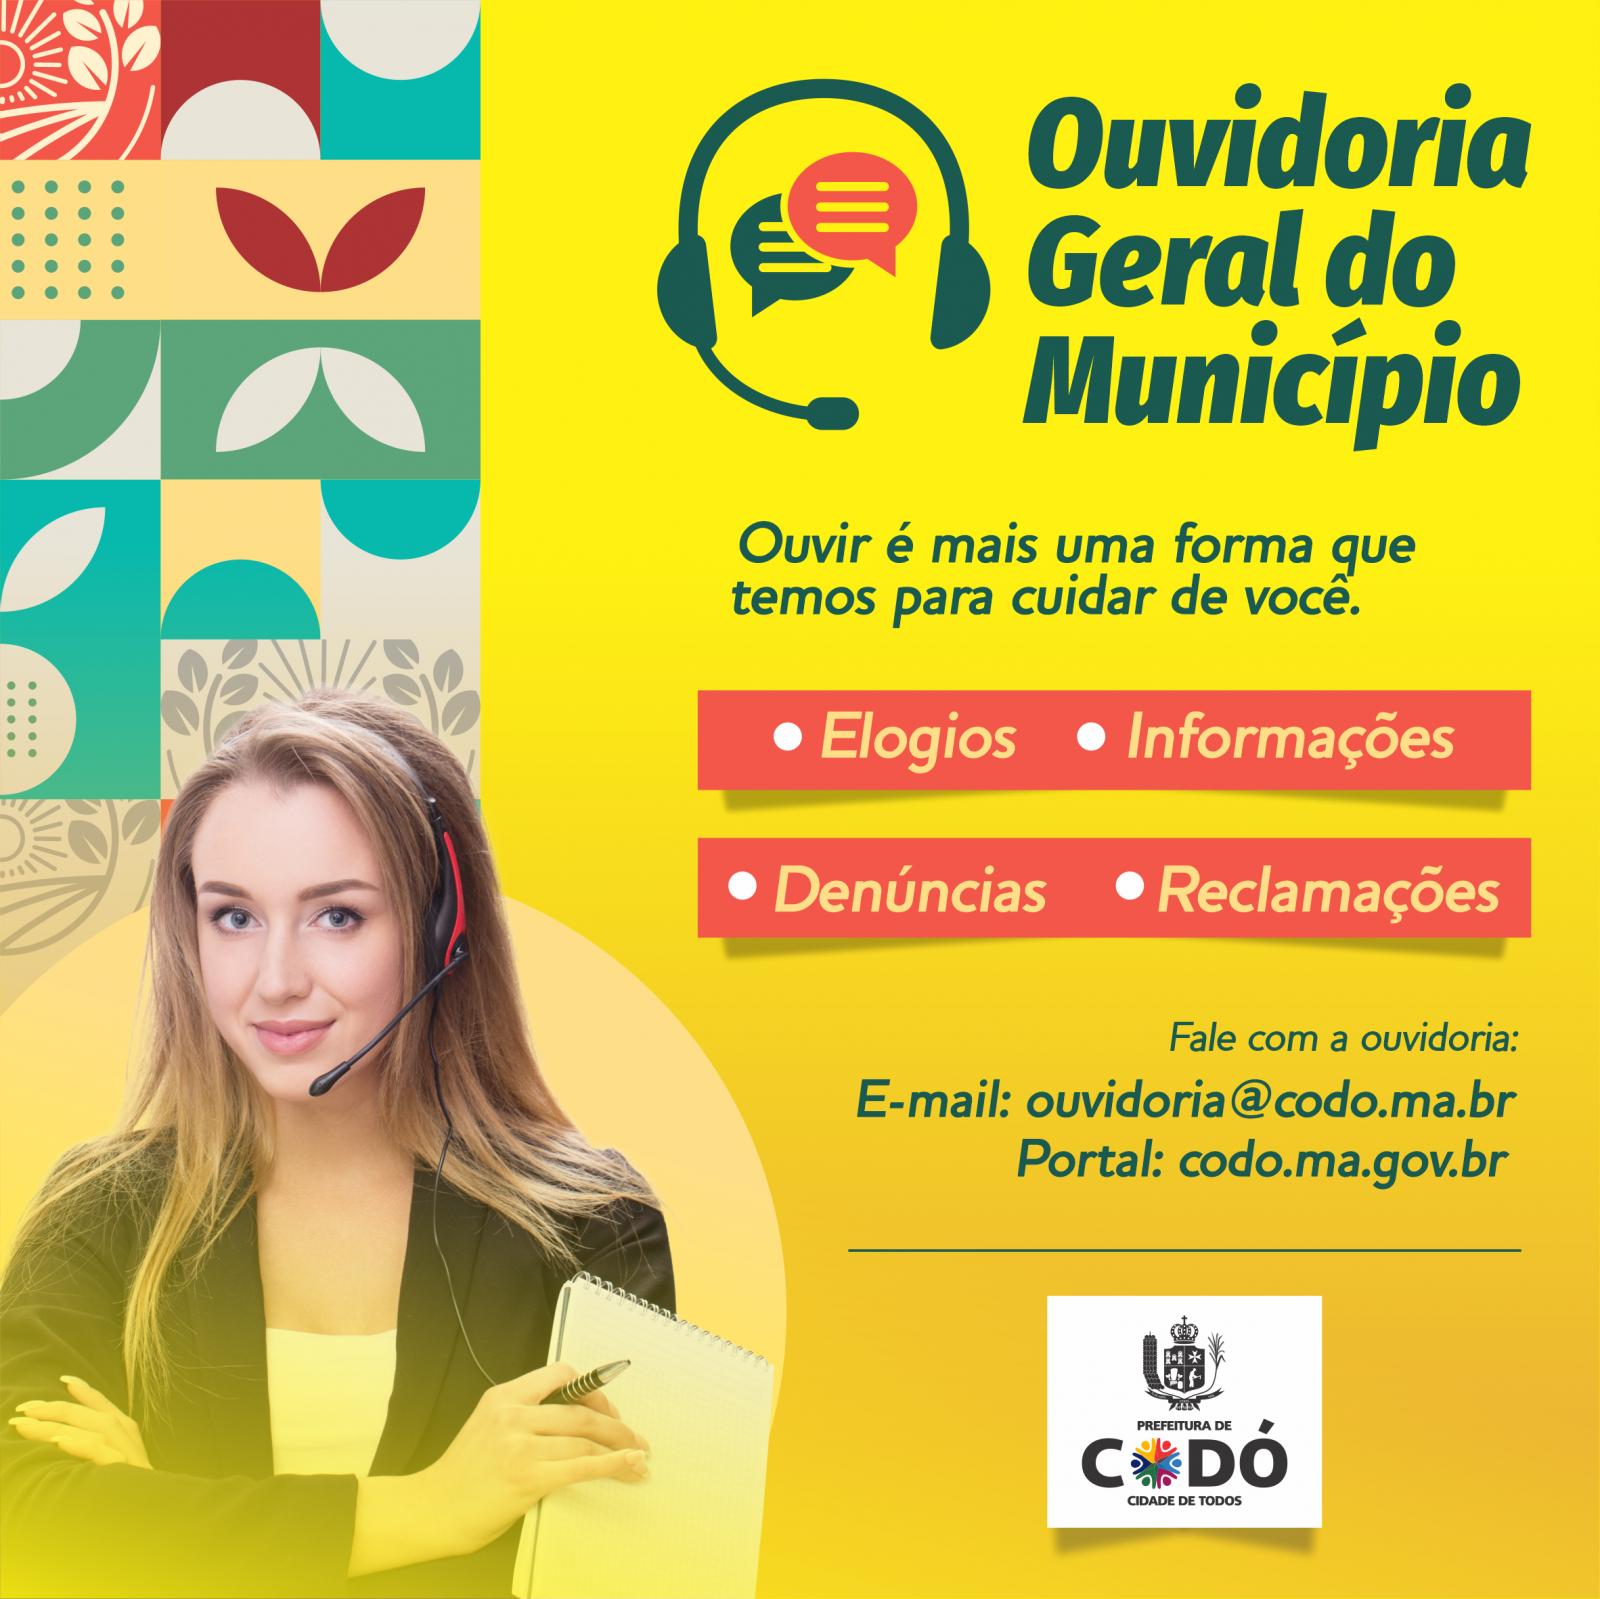 Fale com o Governo: A Prefeitura de Codó, possuí ouvidoria Municipal